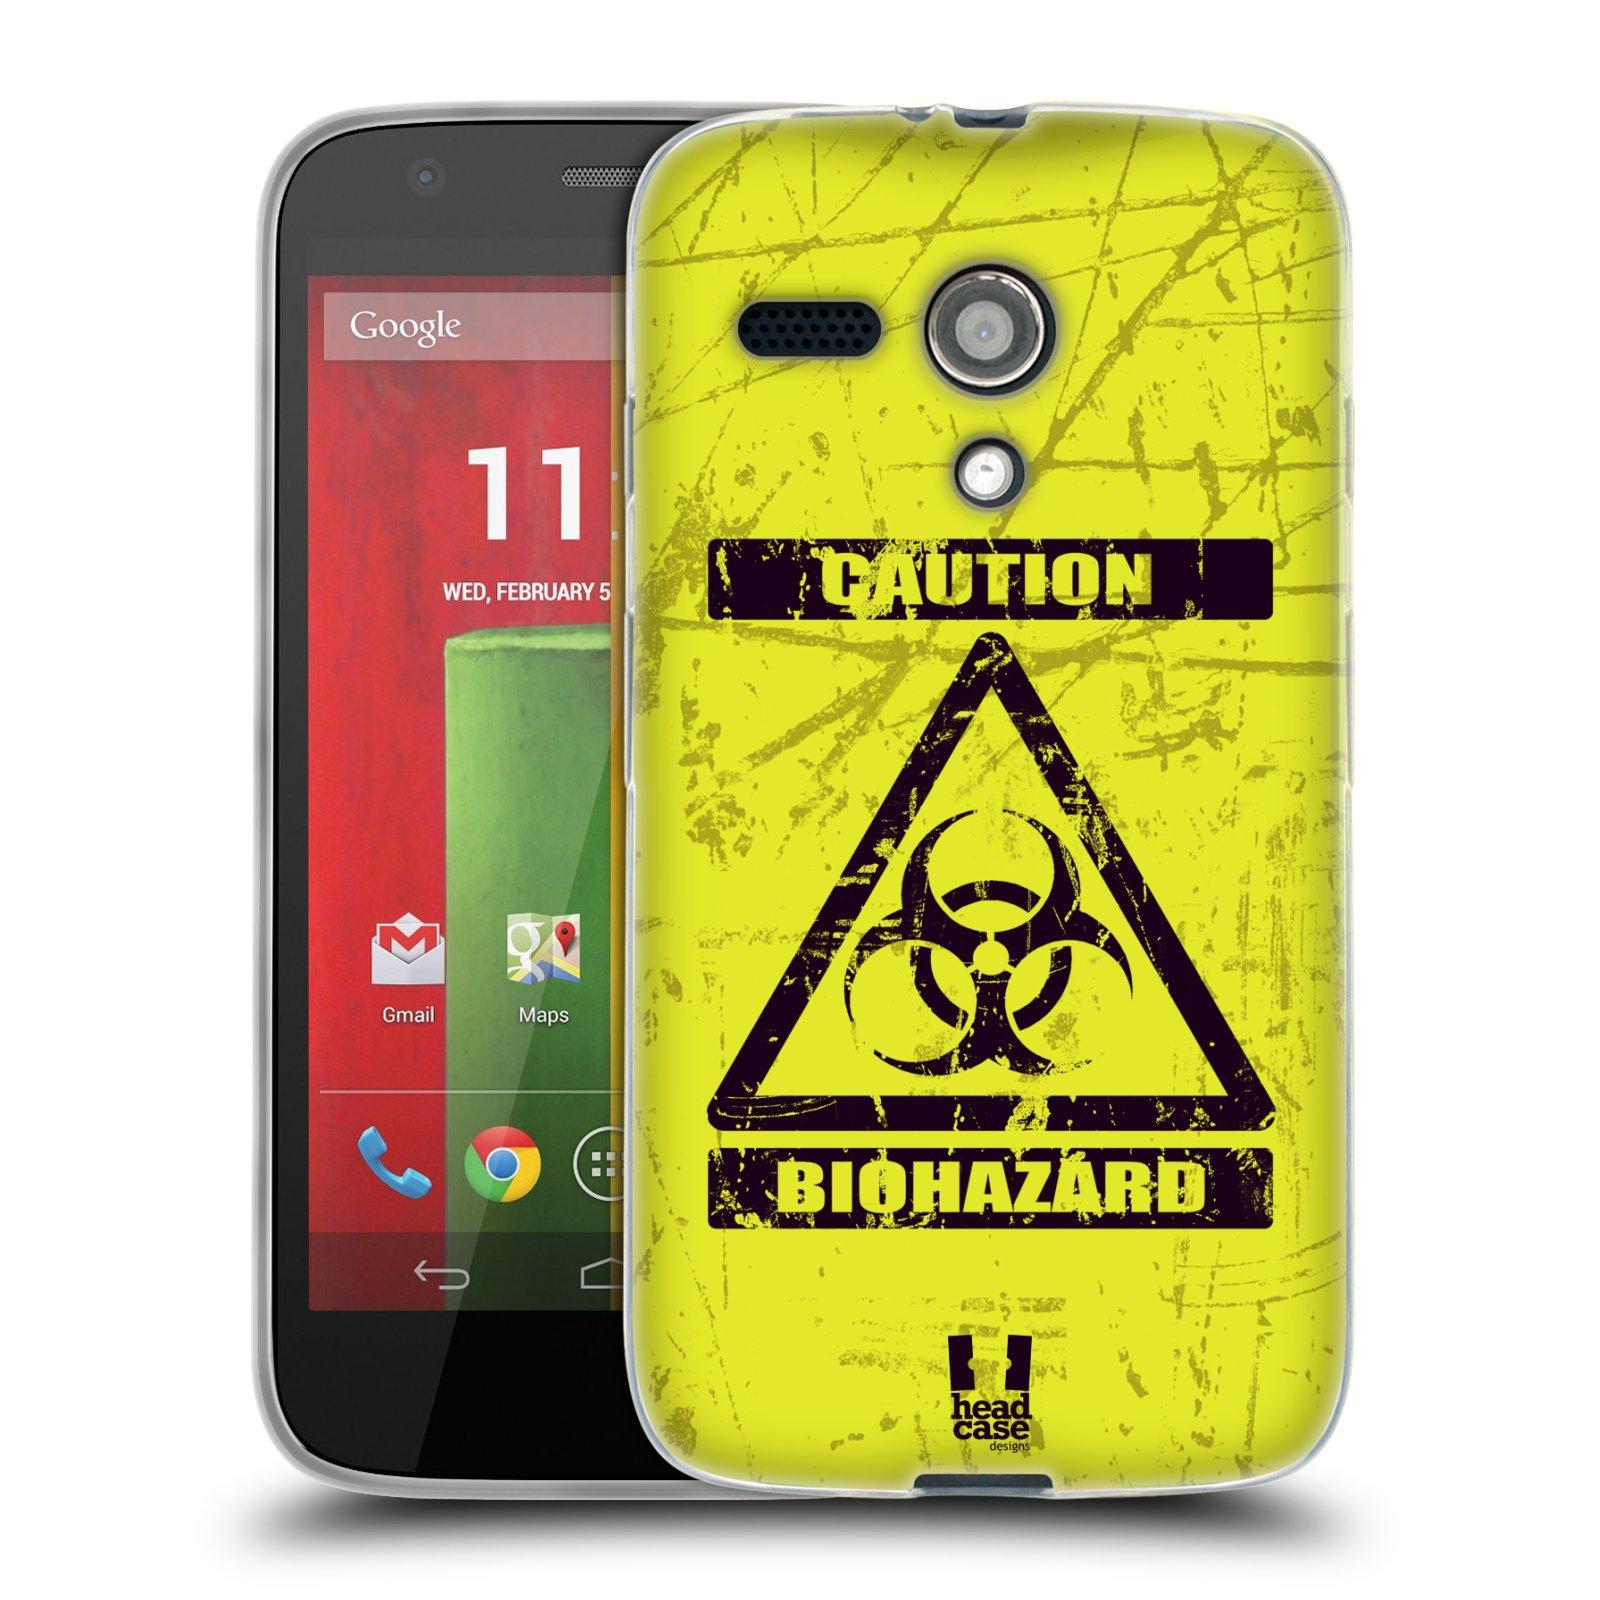 Silikonové pouzdro na mobil Motorola Moto G HEAD CASE BIOHAZARD (Silikonový kryt či obal na mobilní telefon Motorola Moto G)